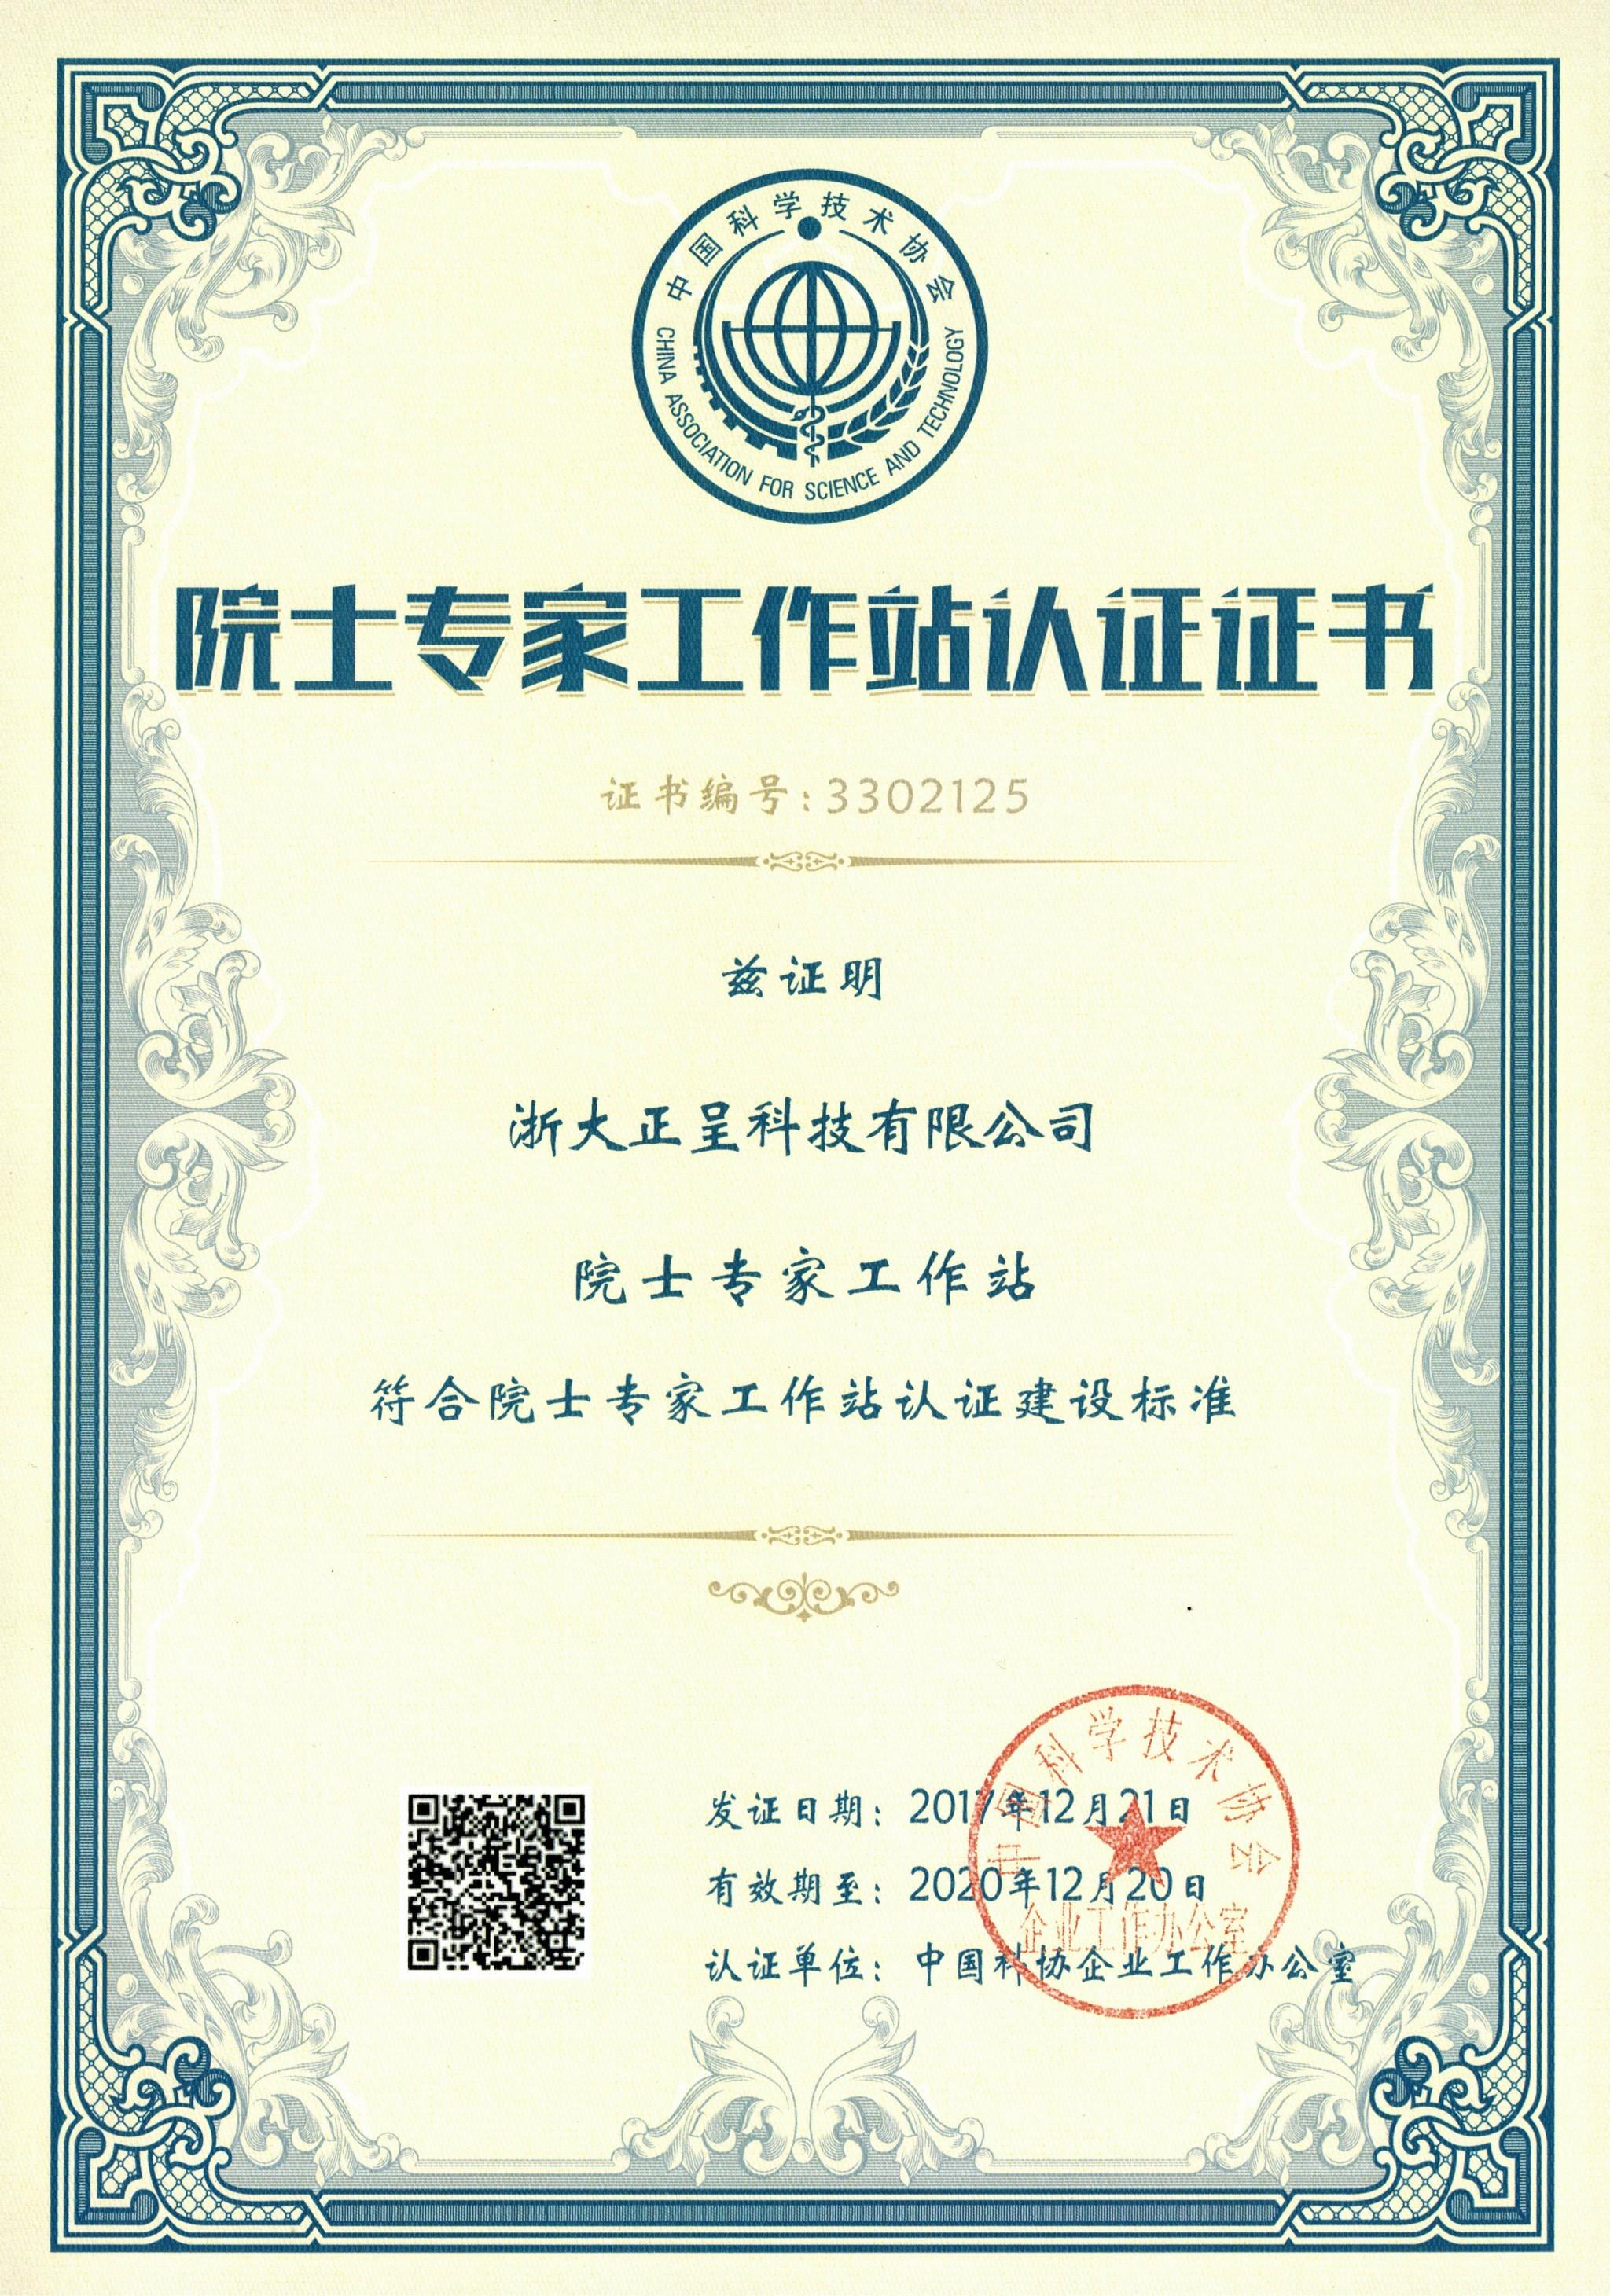 中国科协-院士专家工作站认证证书